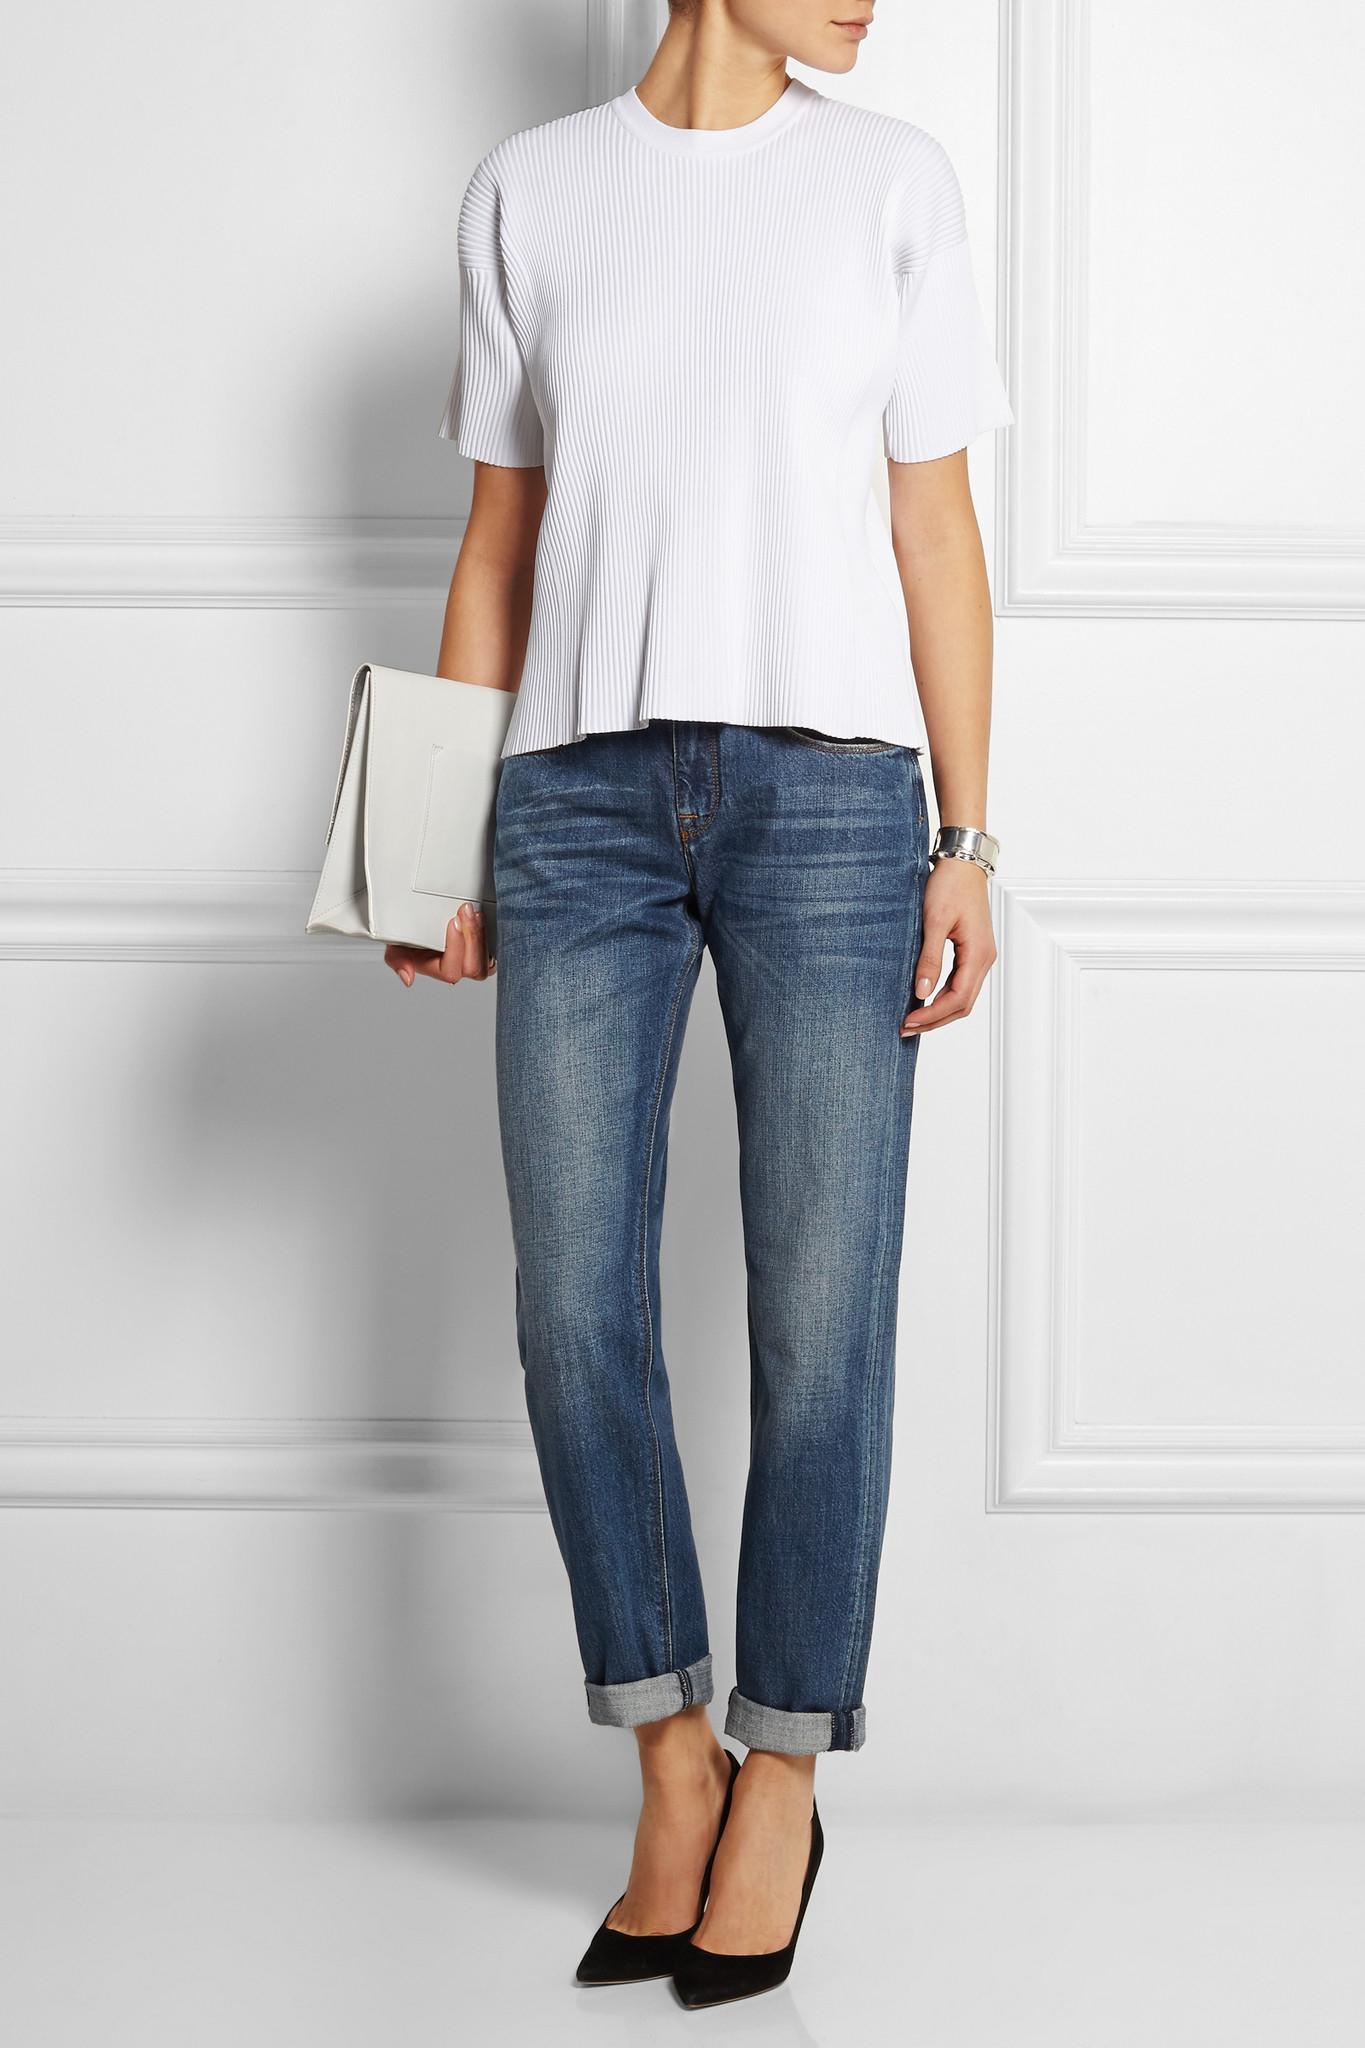 Lyst - Victoria Beckham Mid-rise Boyfriend Jeans in Blue